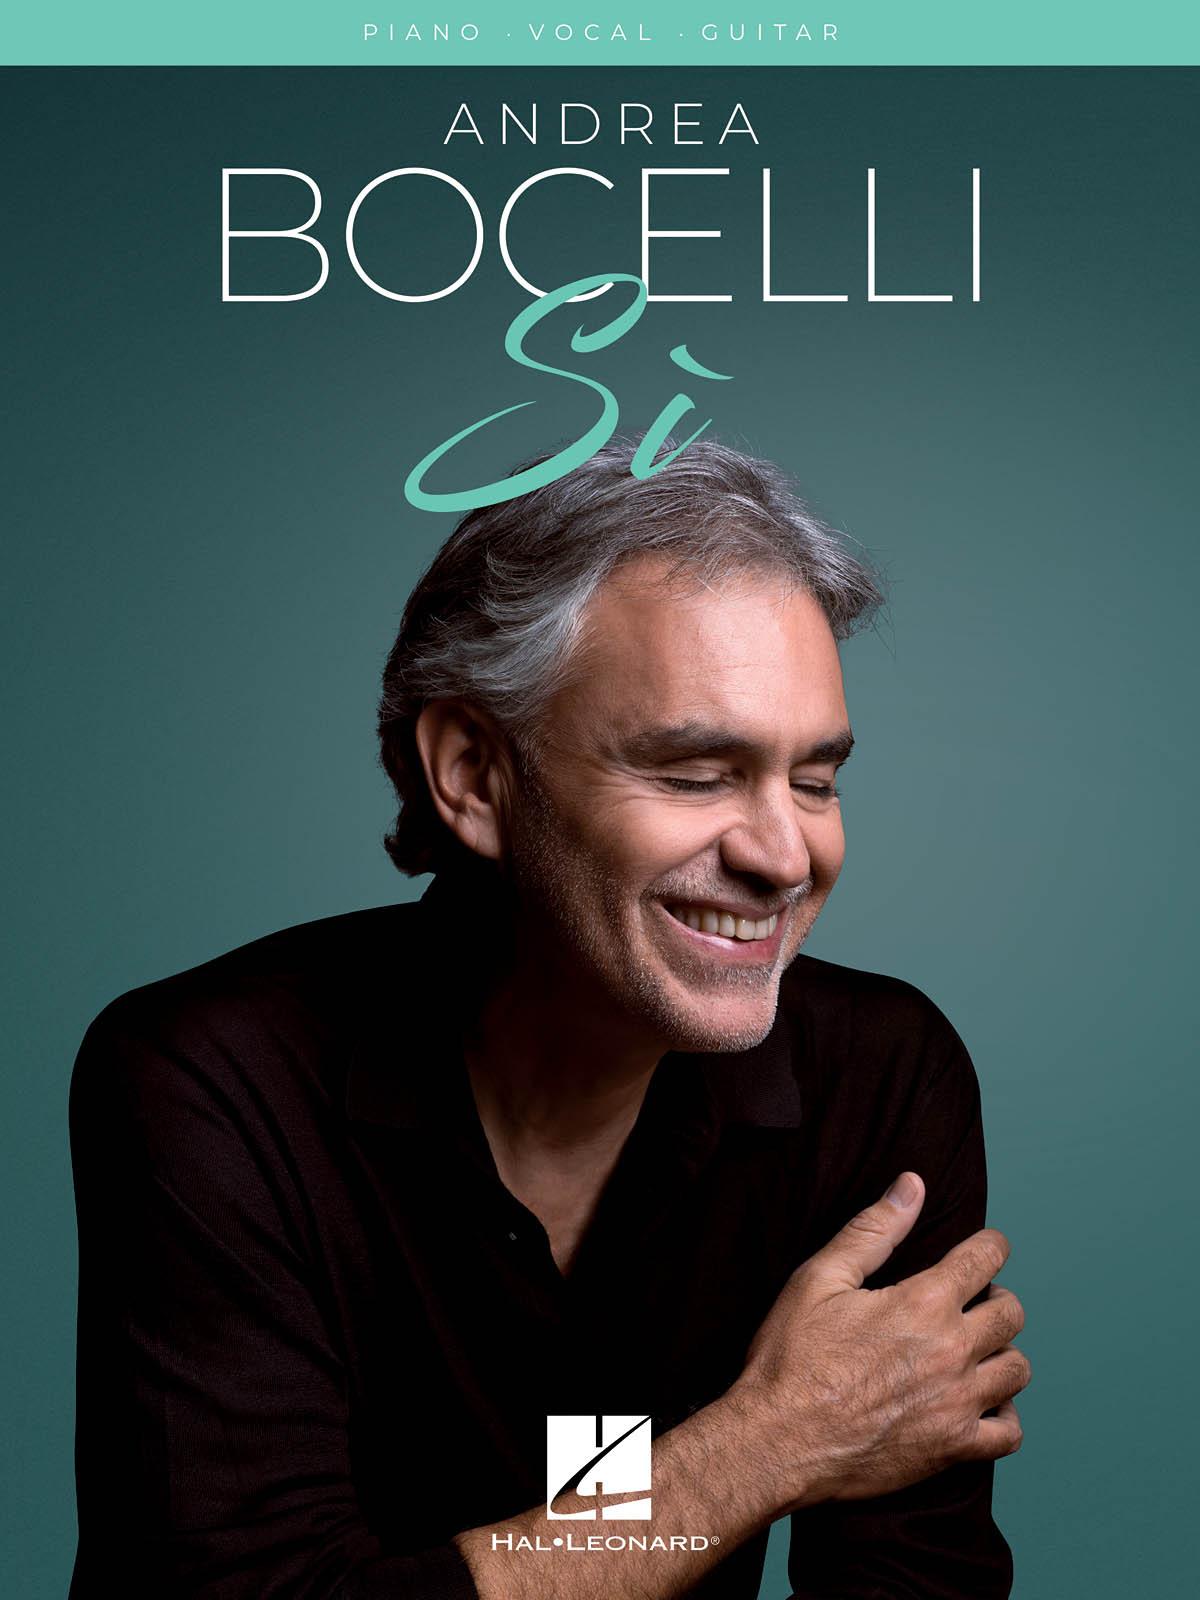 Andrea Bocelli: Andrea Bocelli – Si: Vocal and Piano: Album Songbook